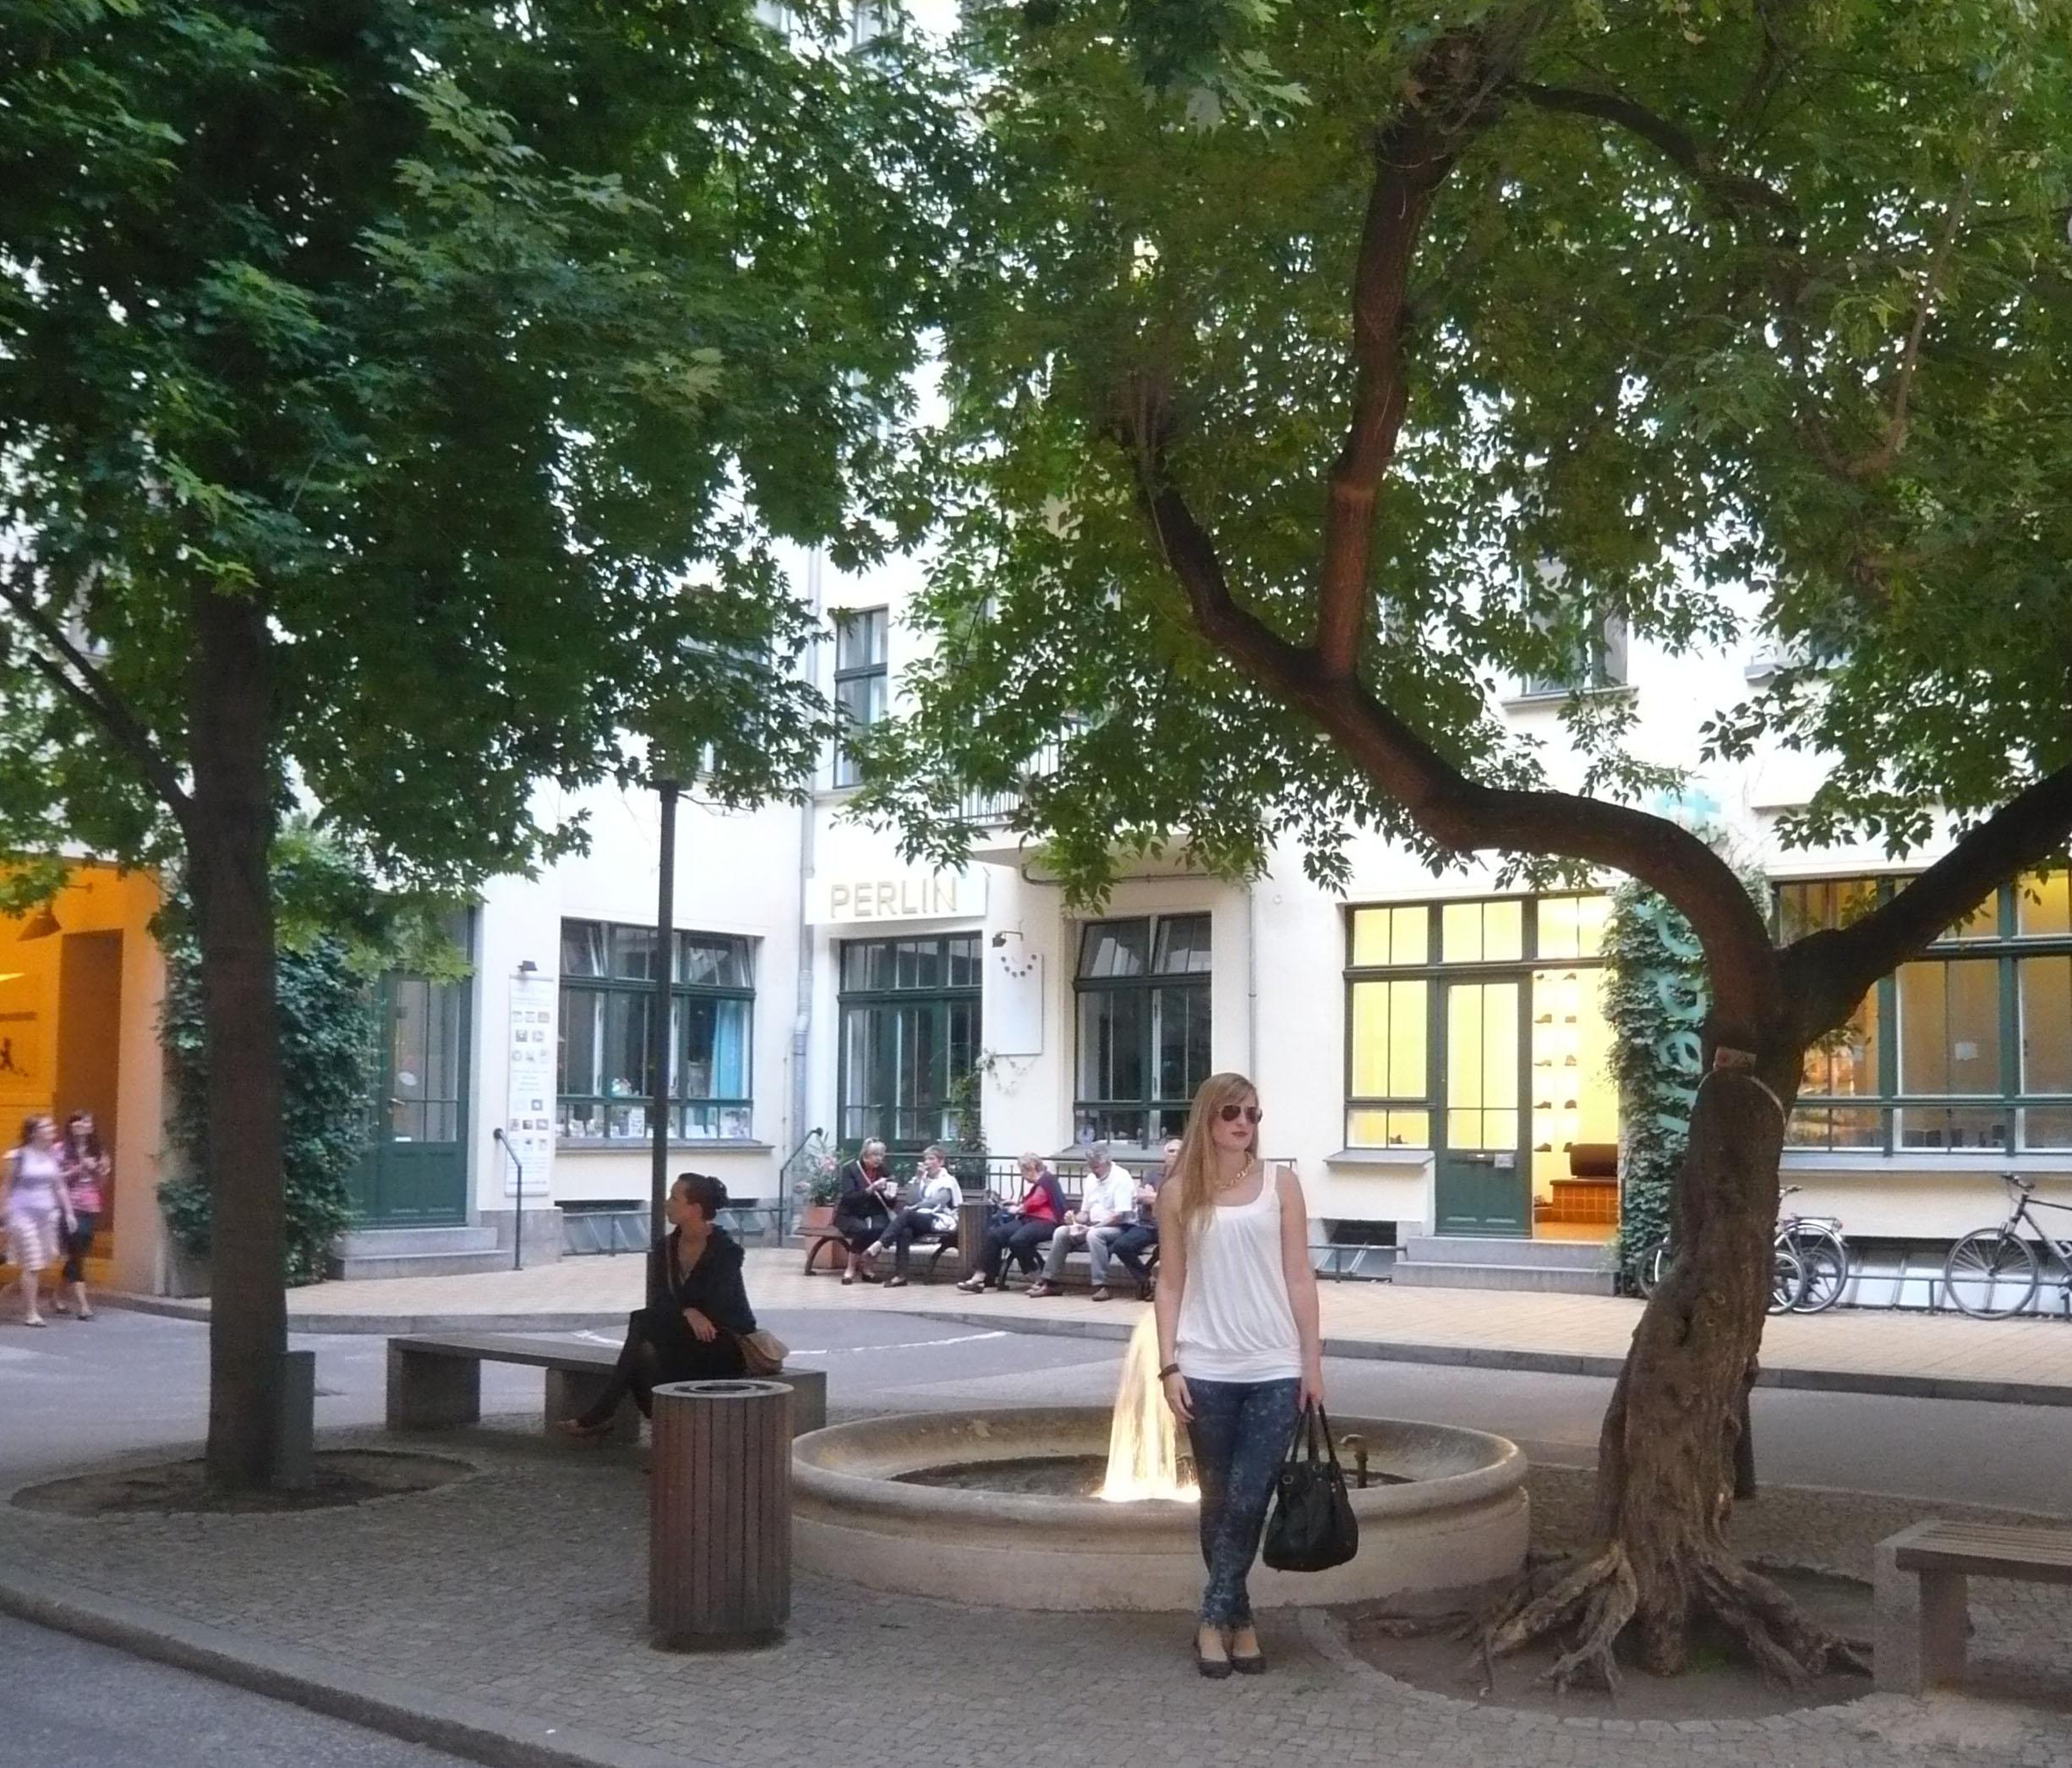 Berlin Sehenswürdigkeiten Reiseblog Berlin Eindrücke Brinisfashionbook Reichstag Hackesche höfe